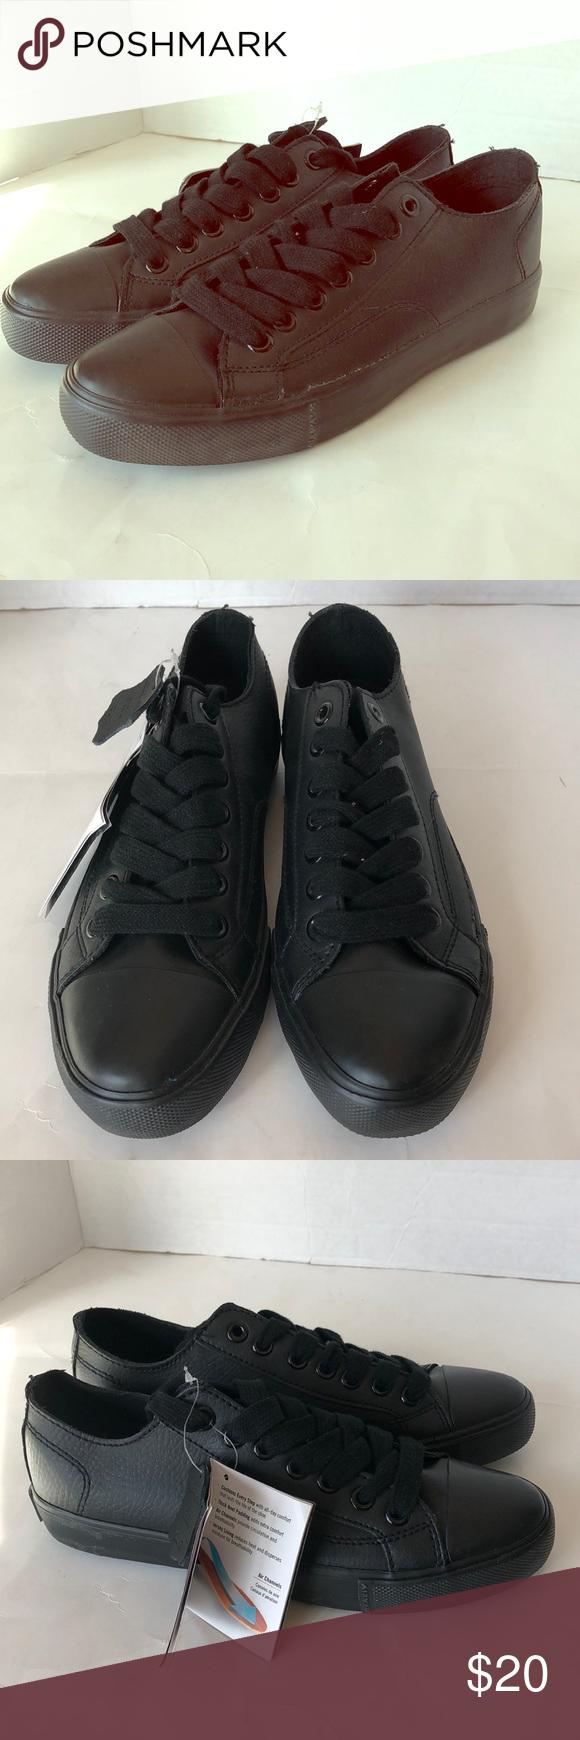 7e97e3fcae9 Safe T Step black tennis slip resistant work shoe Safe T Step black tennis  slip resistant